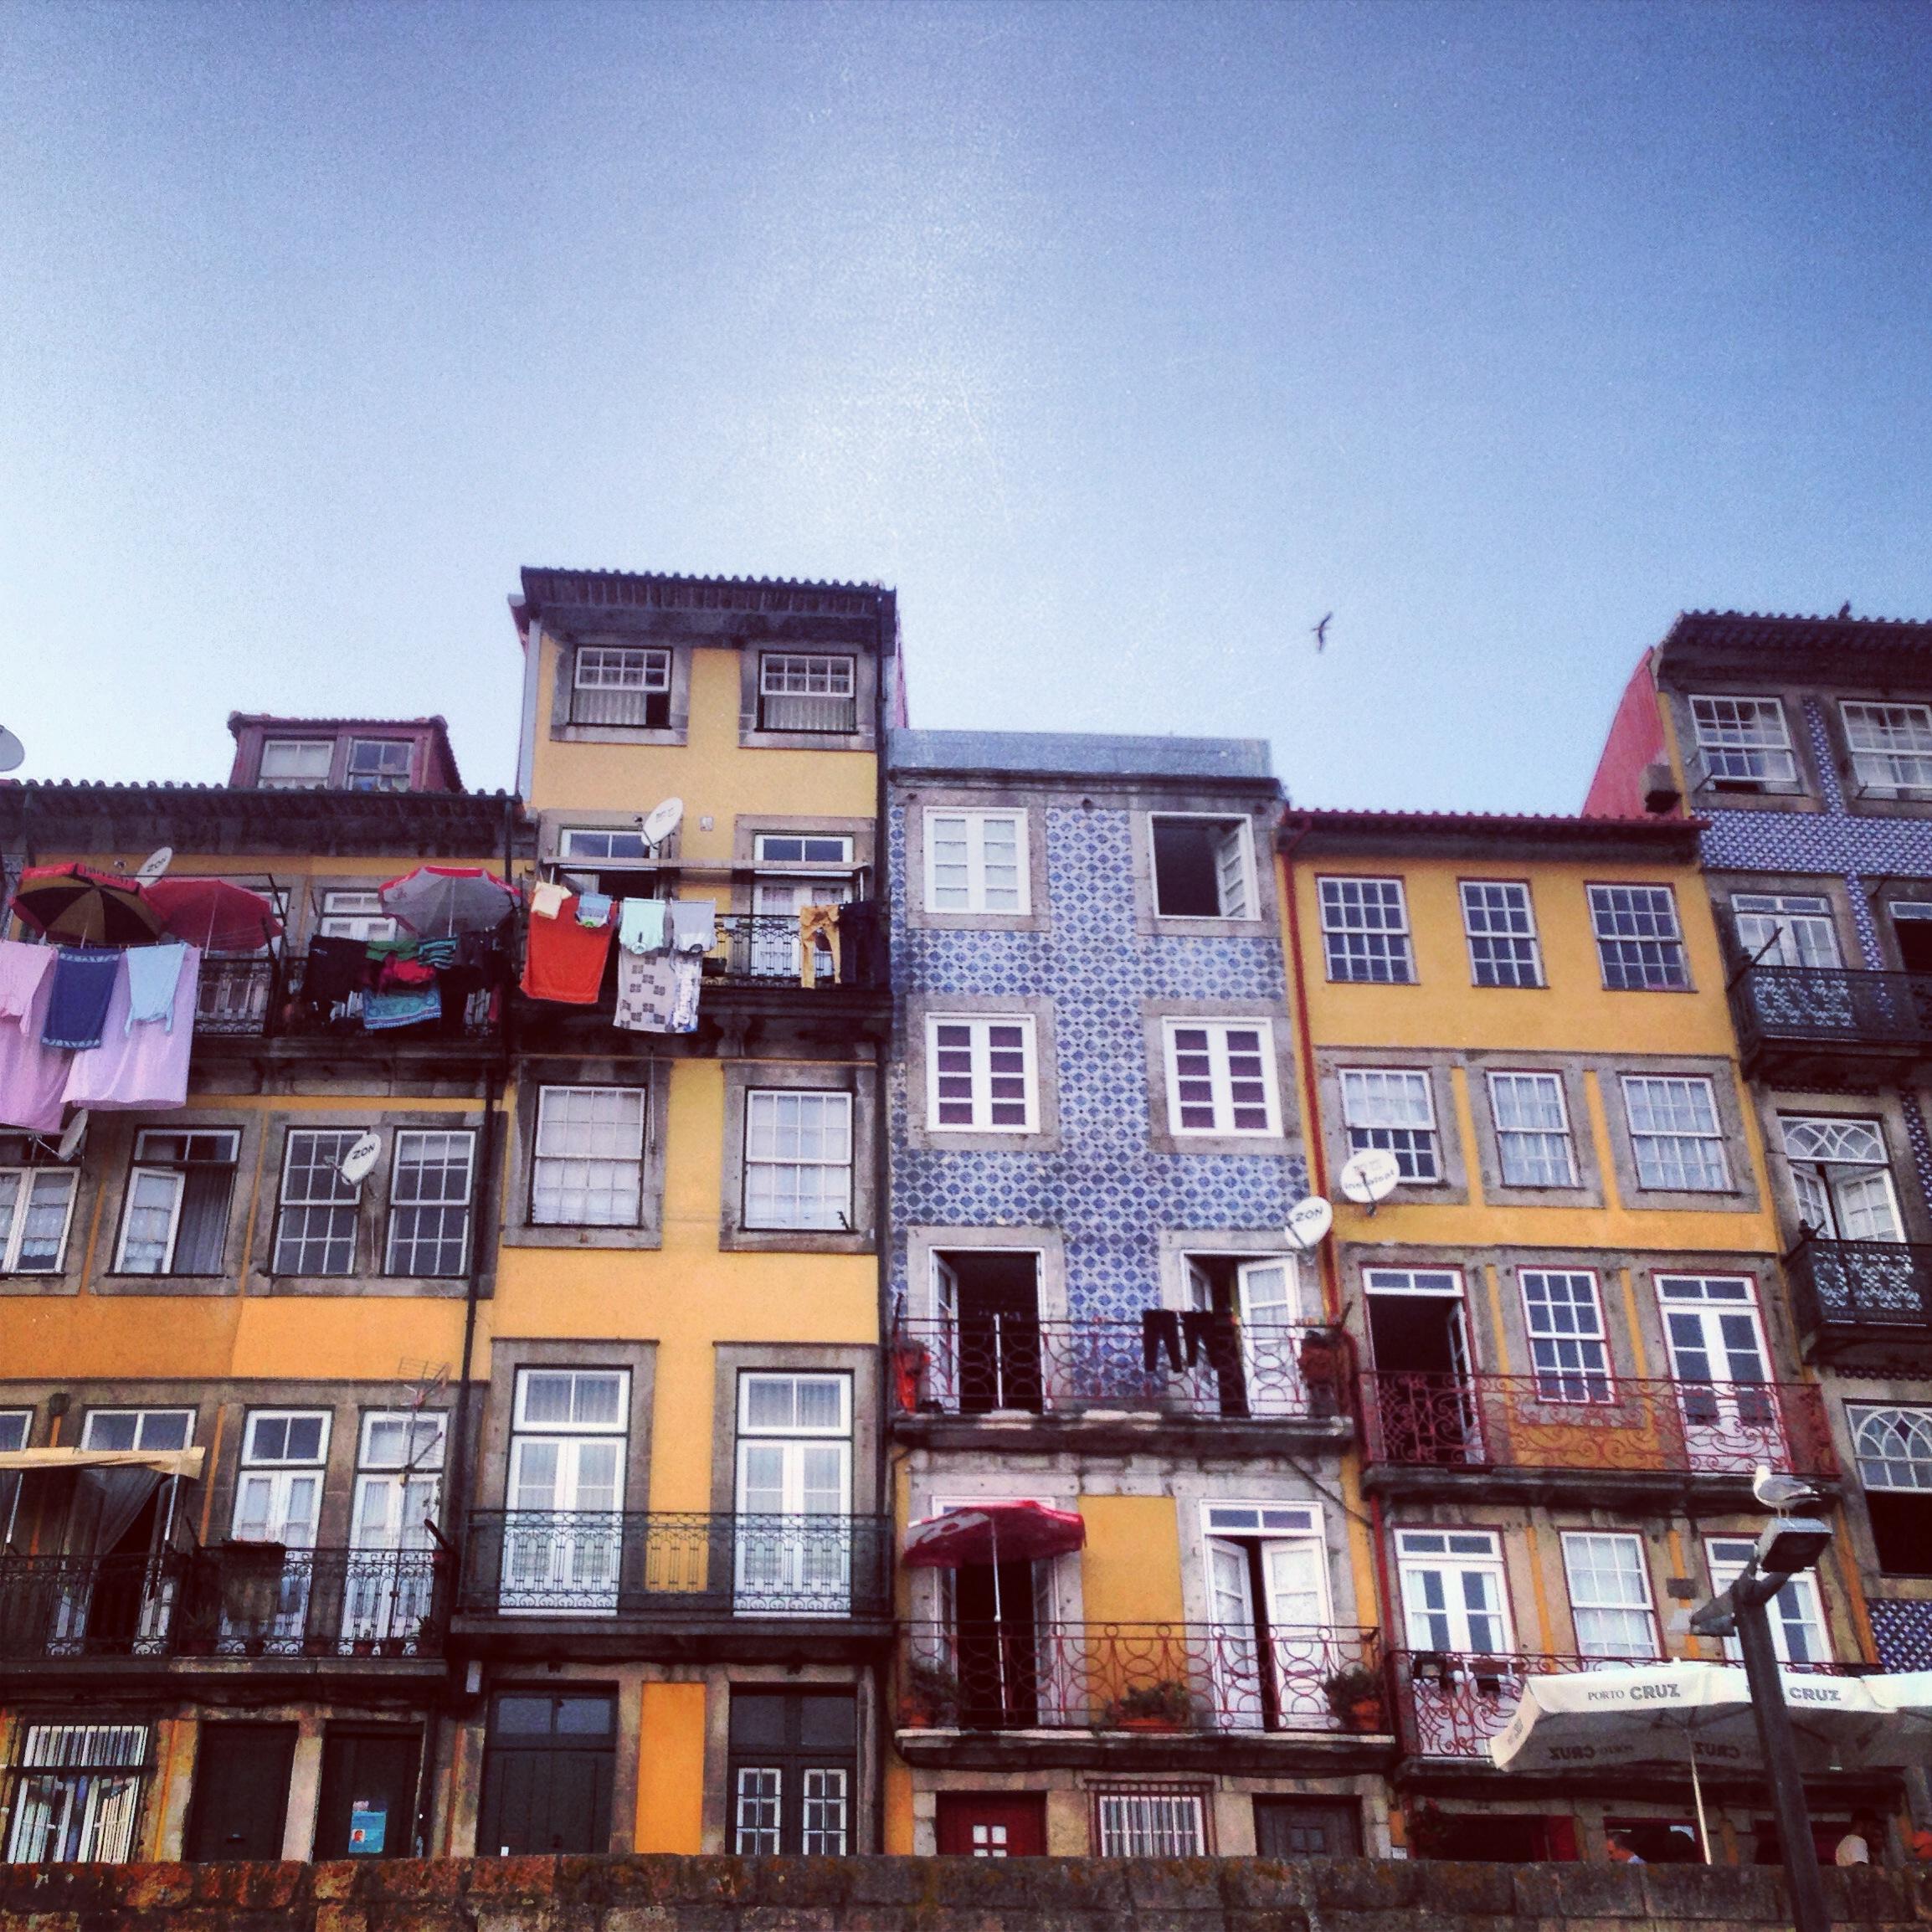 casettine sul fiume con gli azulejos, porto